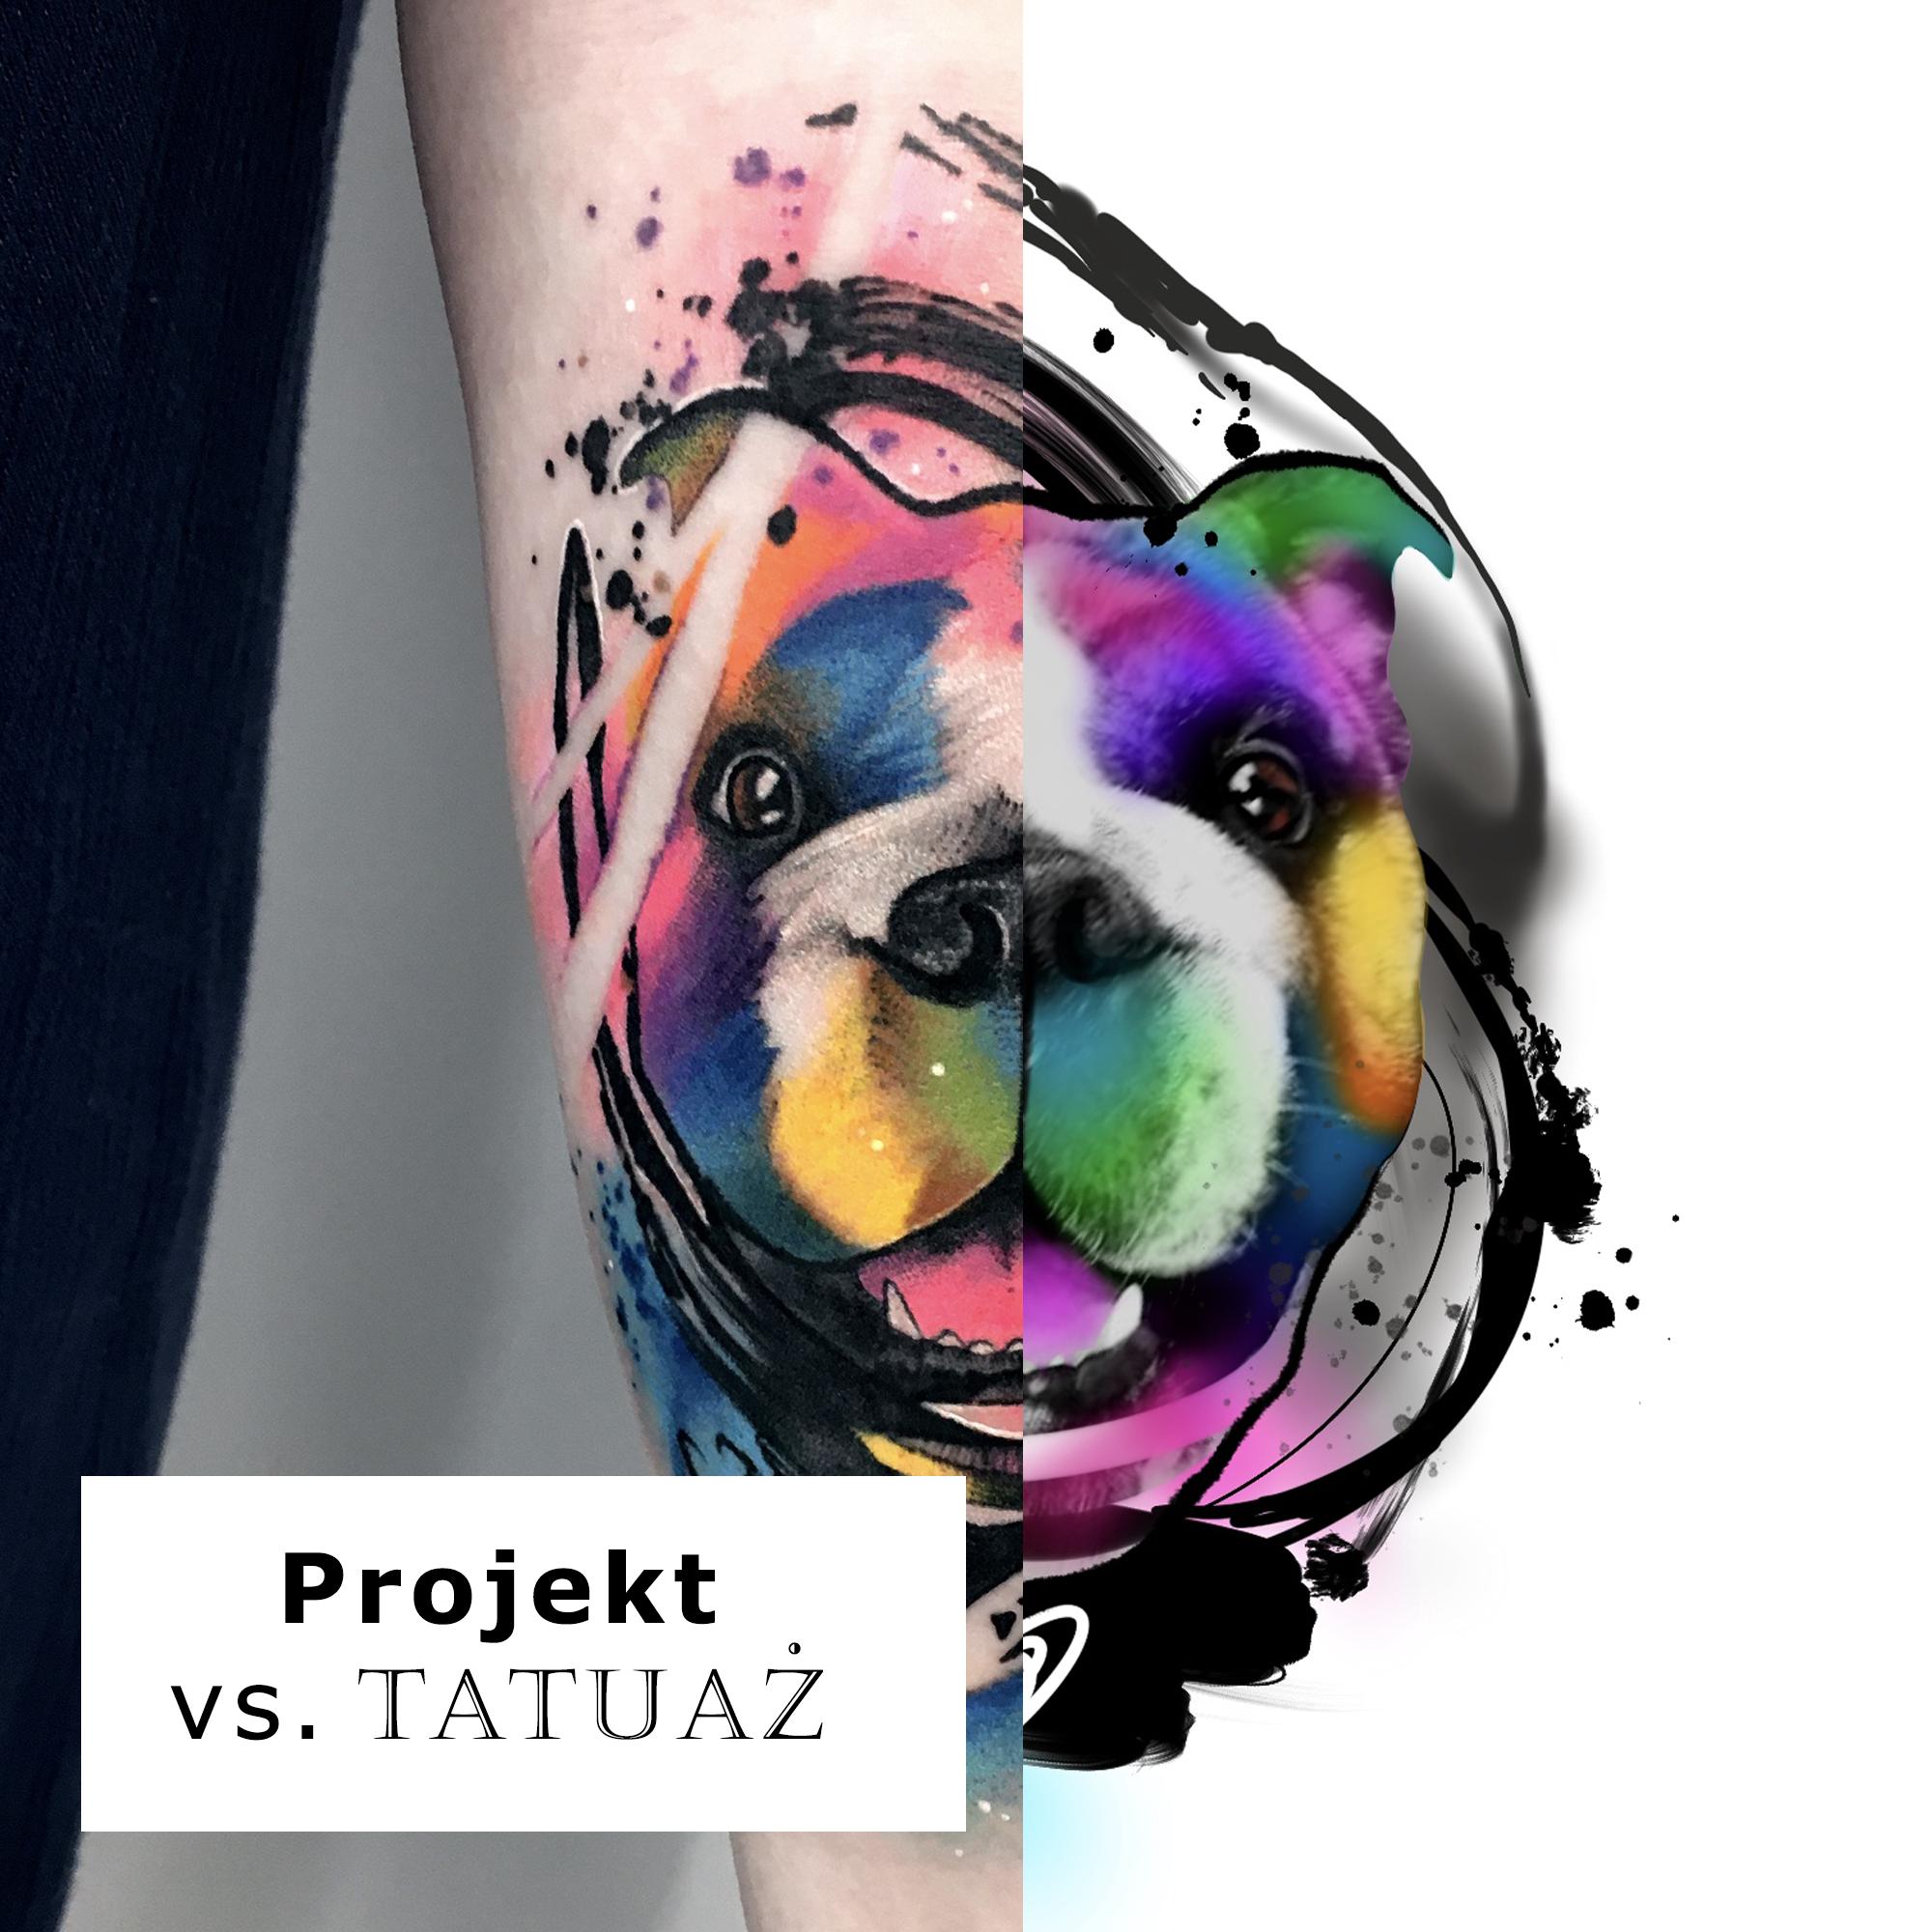 Różnice w wyglądzie projektu i wykonanego już tatuażu na skórze